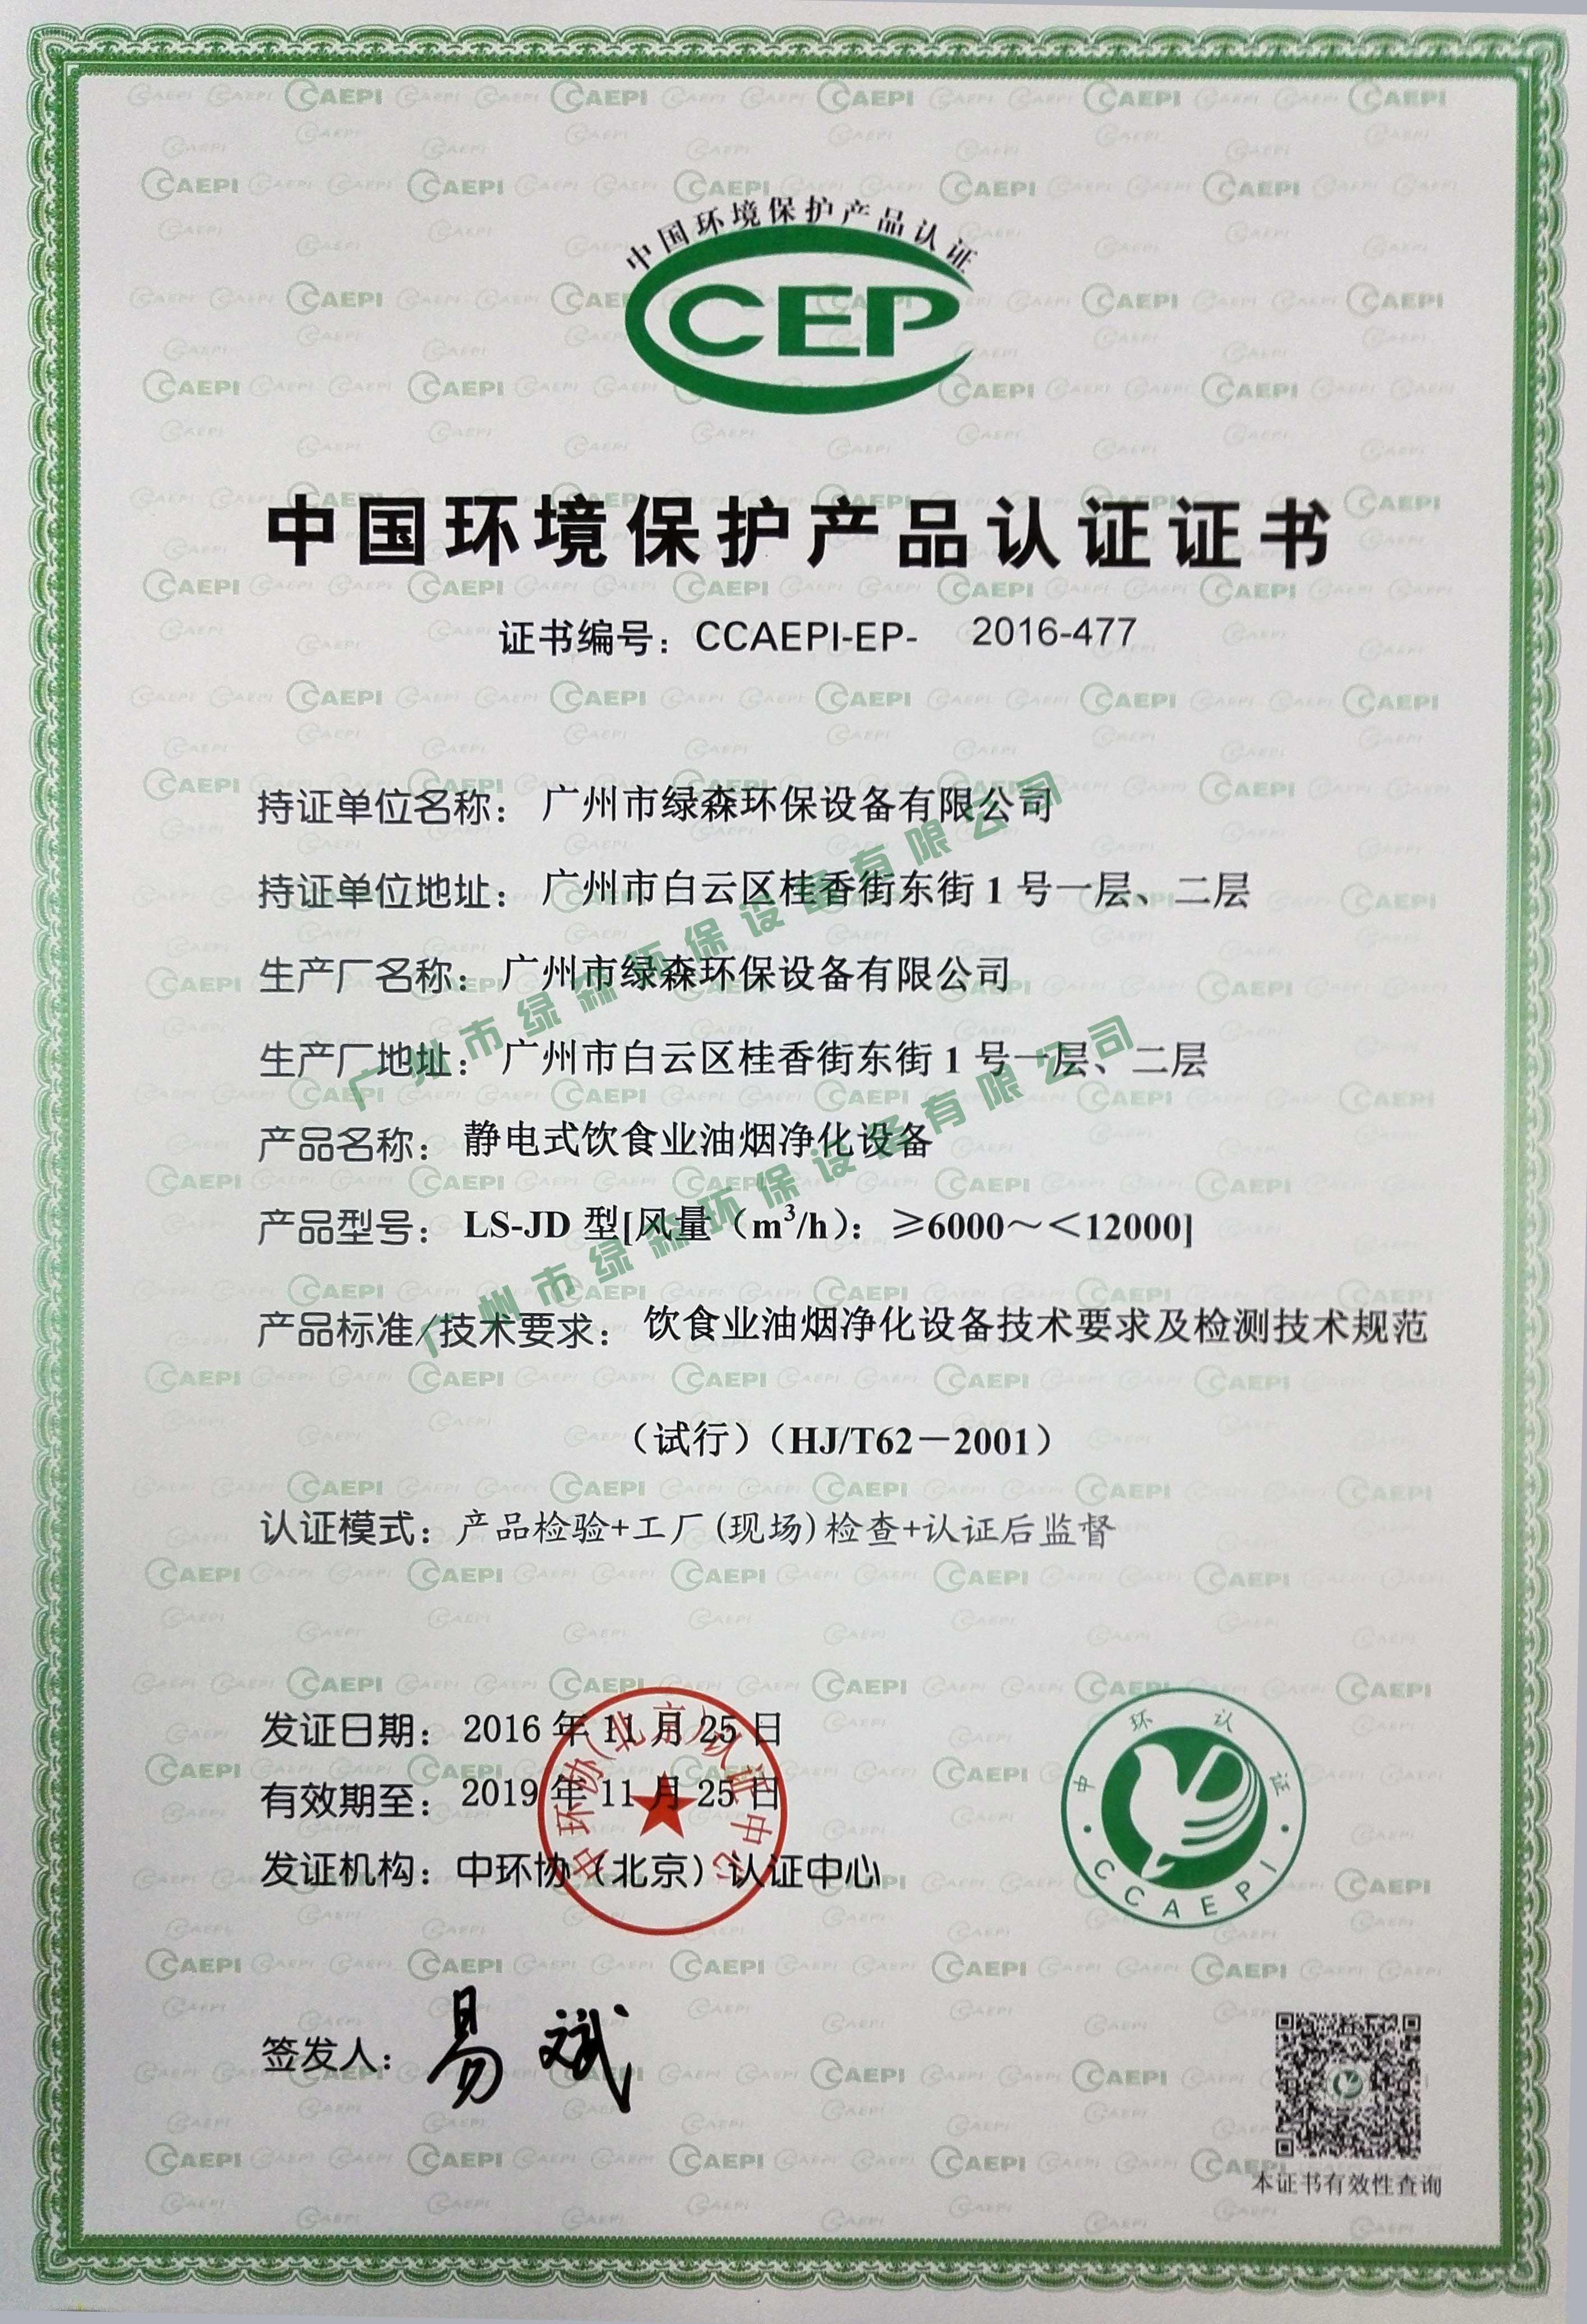 油烟净化器CEP证书1.jpg